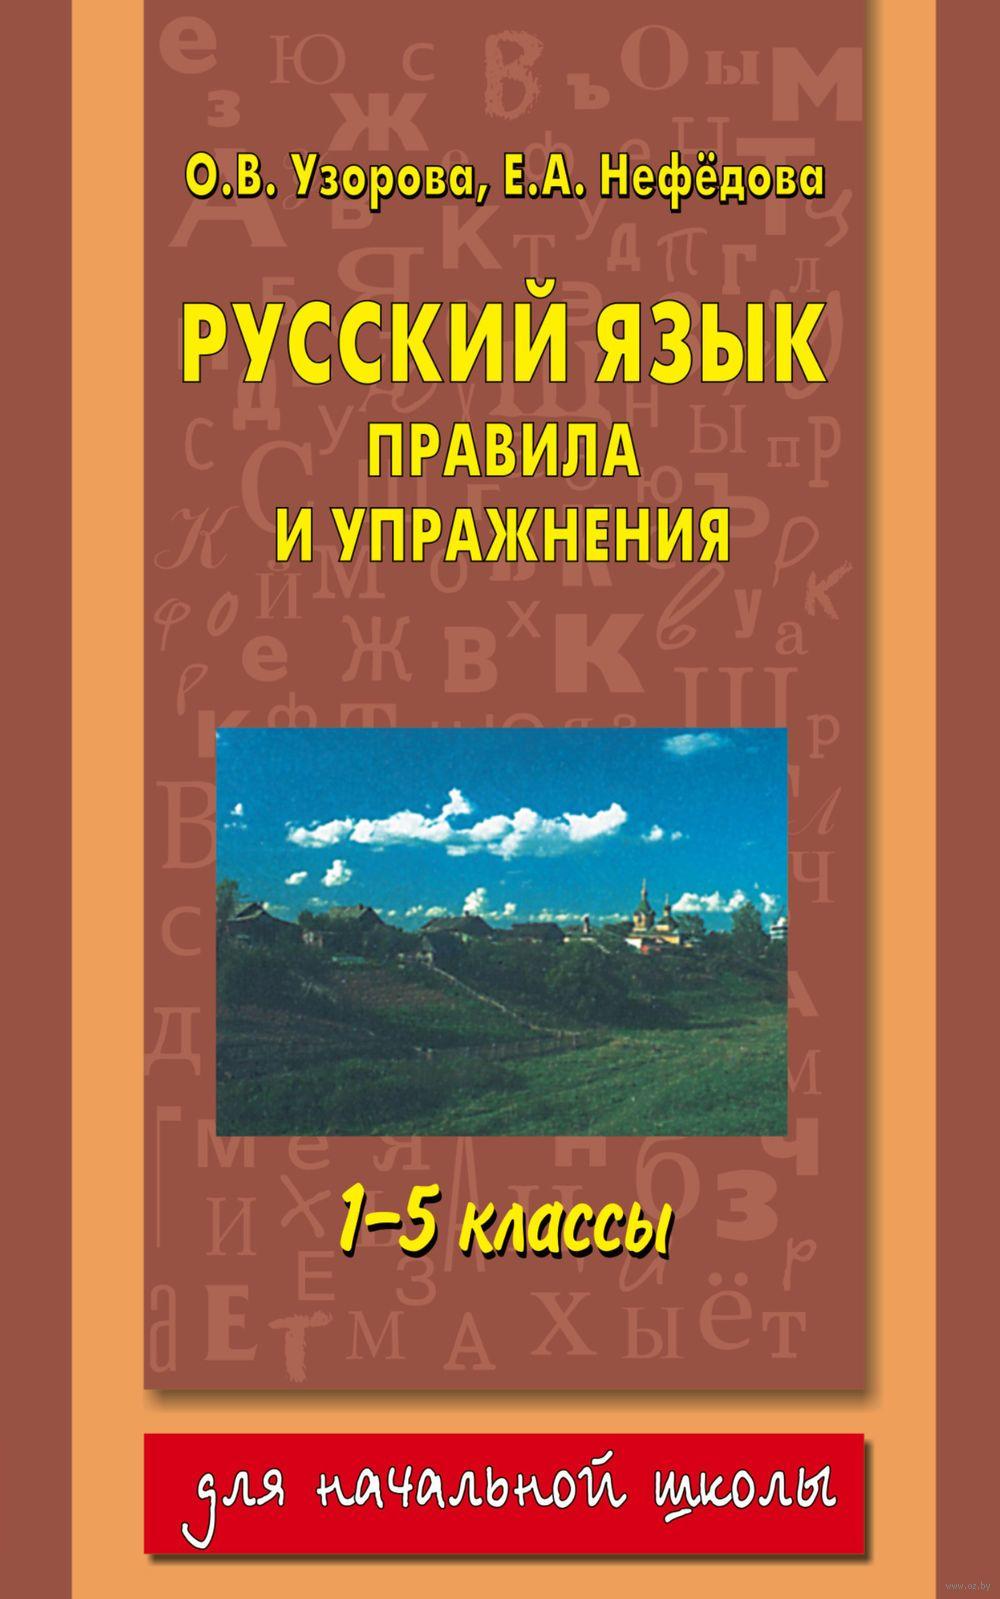 Класс ответы гдз упражнения язык и правила 1-5 русский нефедова узорова